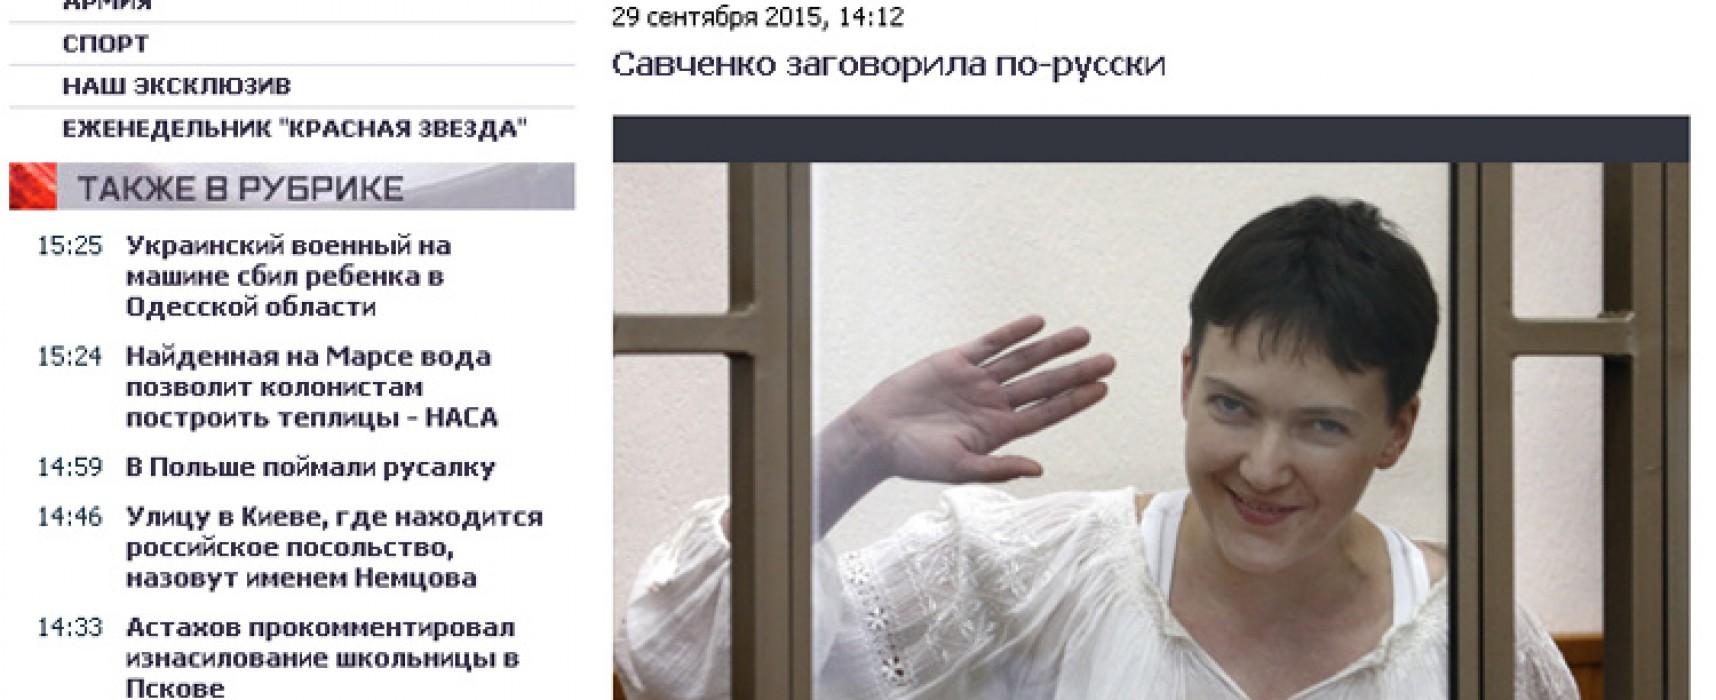 Russian and Separatist Media Distort Savchenko's Words